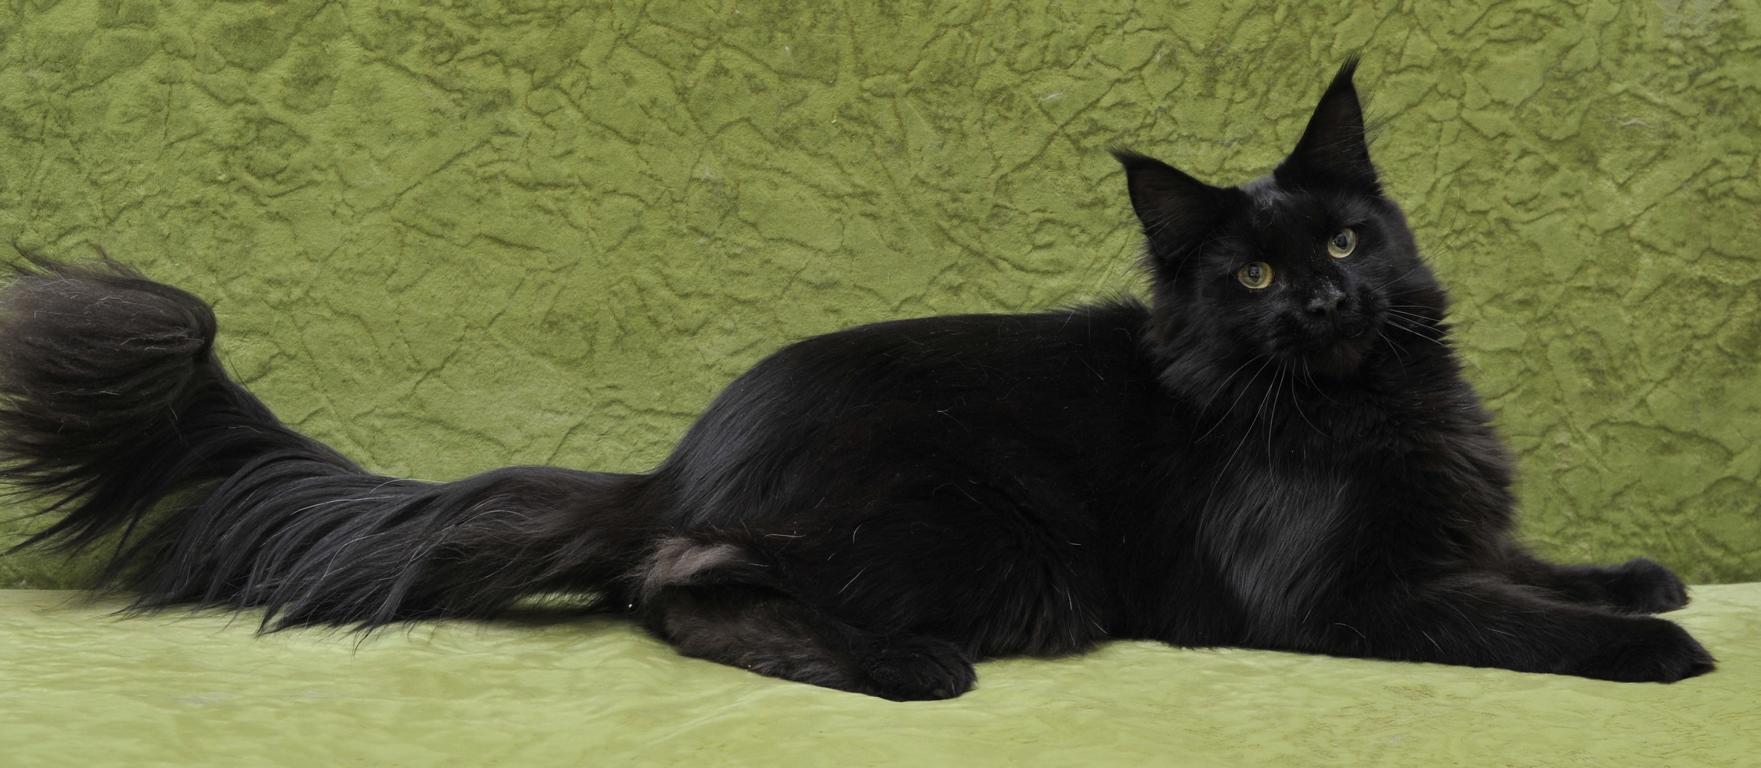 Черная абиссинская кошка фото